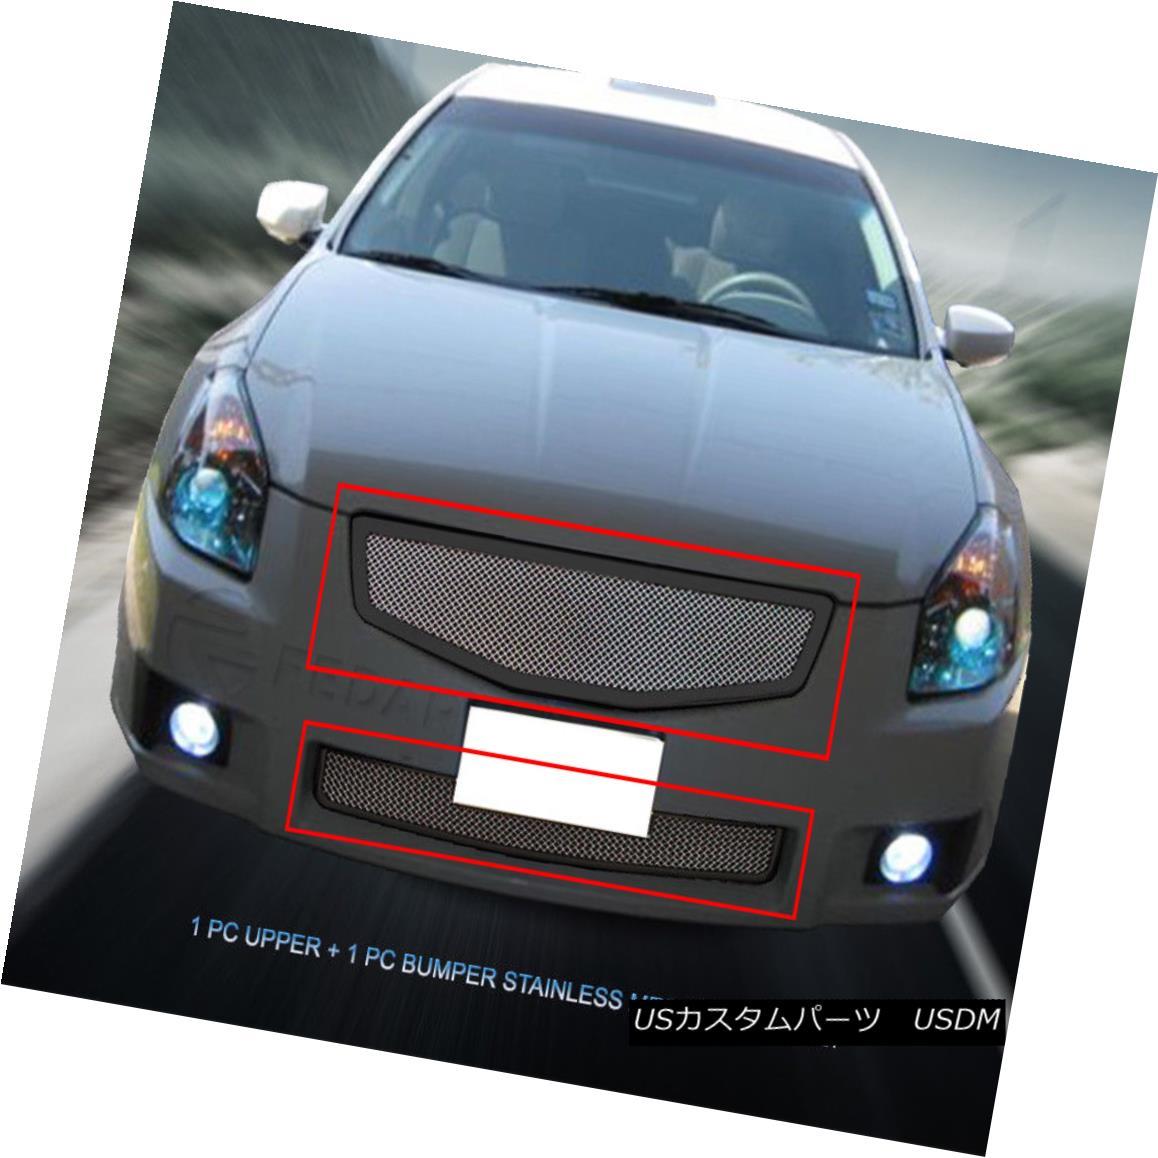 グリル Fedar Fits 2007-2008 Nissan Maxima Polished/Black Wire Mesh Grille Combo Insert Fedarは2007-2008をフィットさせる日産マキシマポリッシュ/ブラックワイヤーメッシュグリルコンボインサート